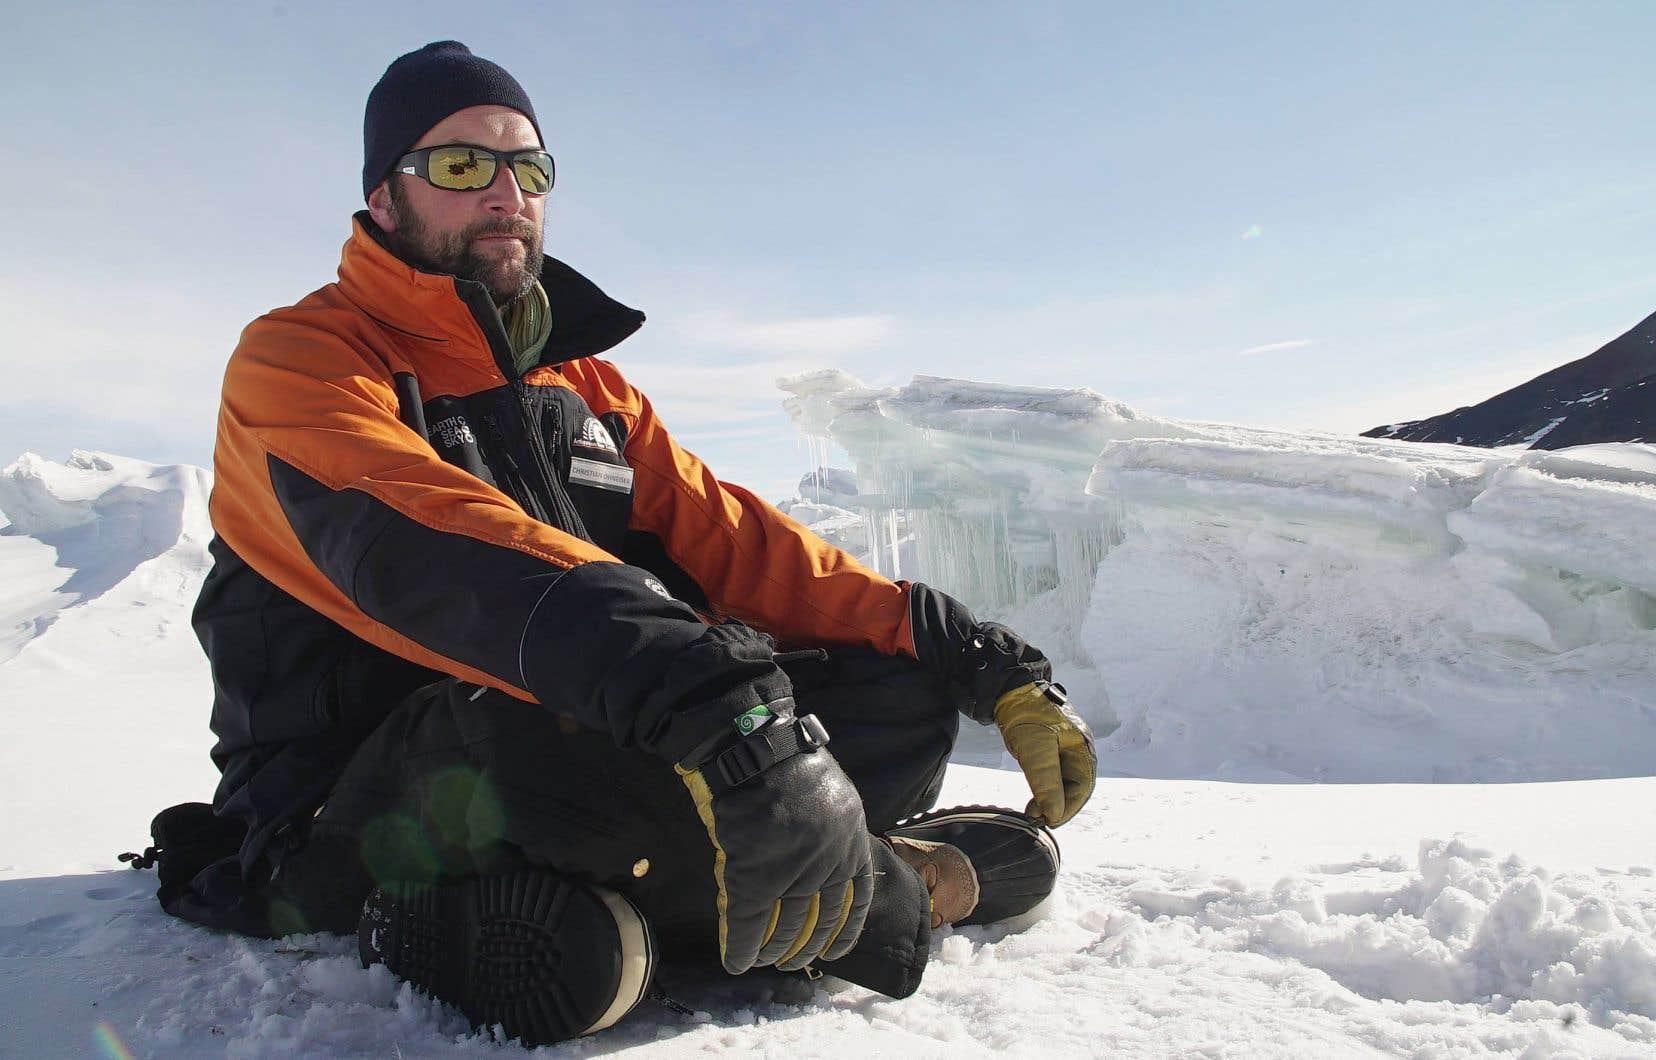 «Exploration glaciale» raconte la quête difficile des scientifiques en Antarctique.